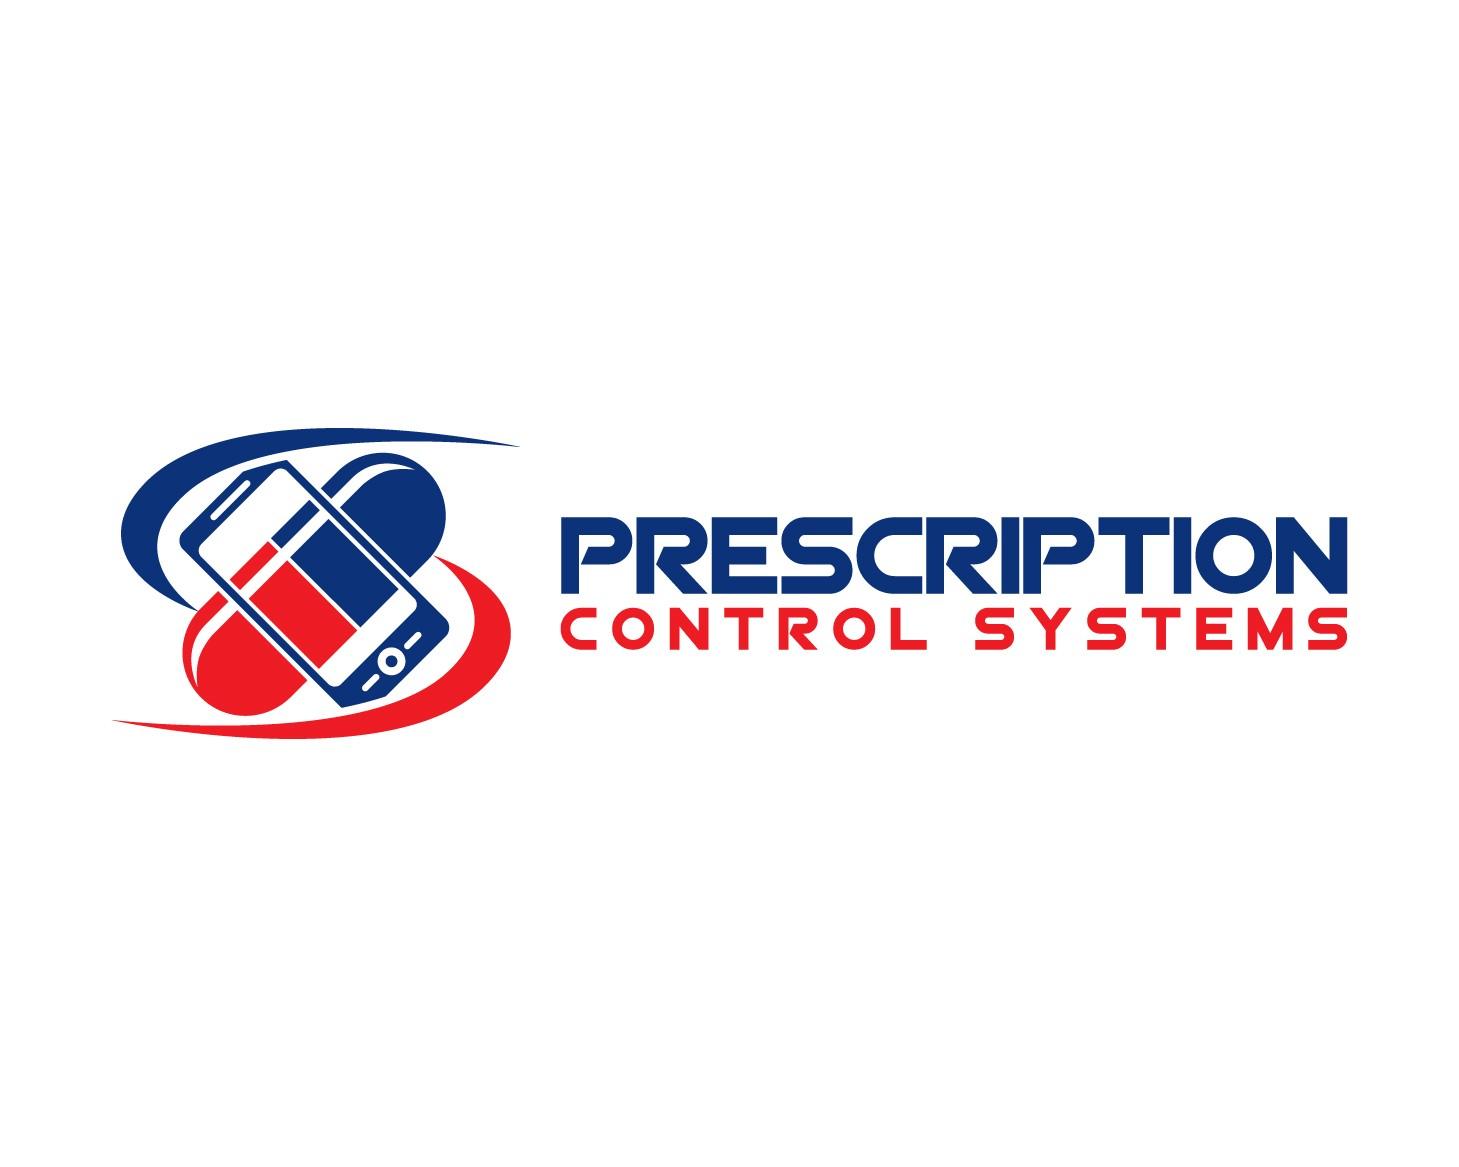 Prescription Control Systems